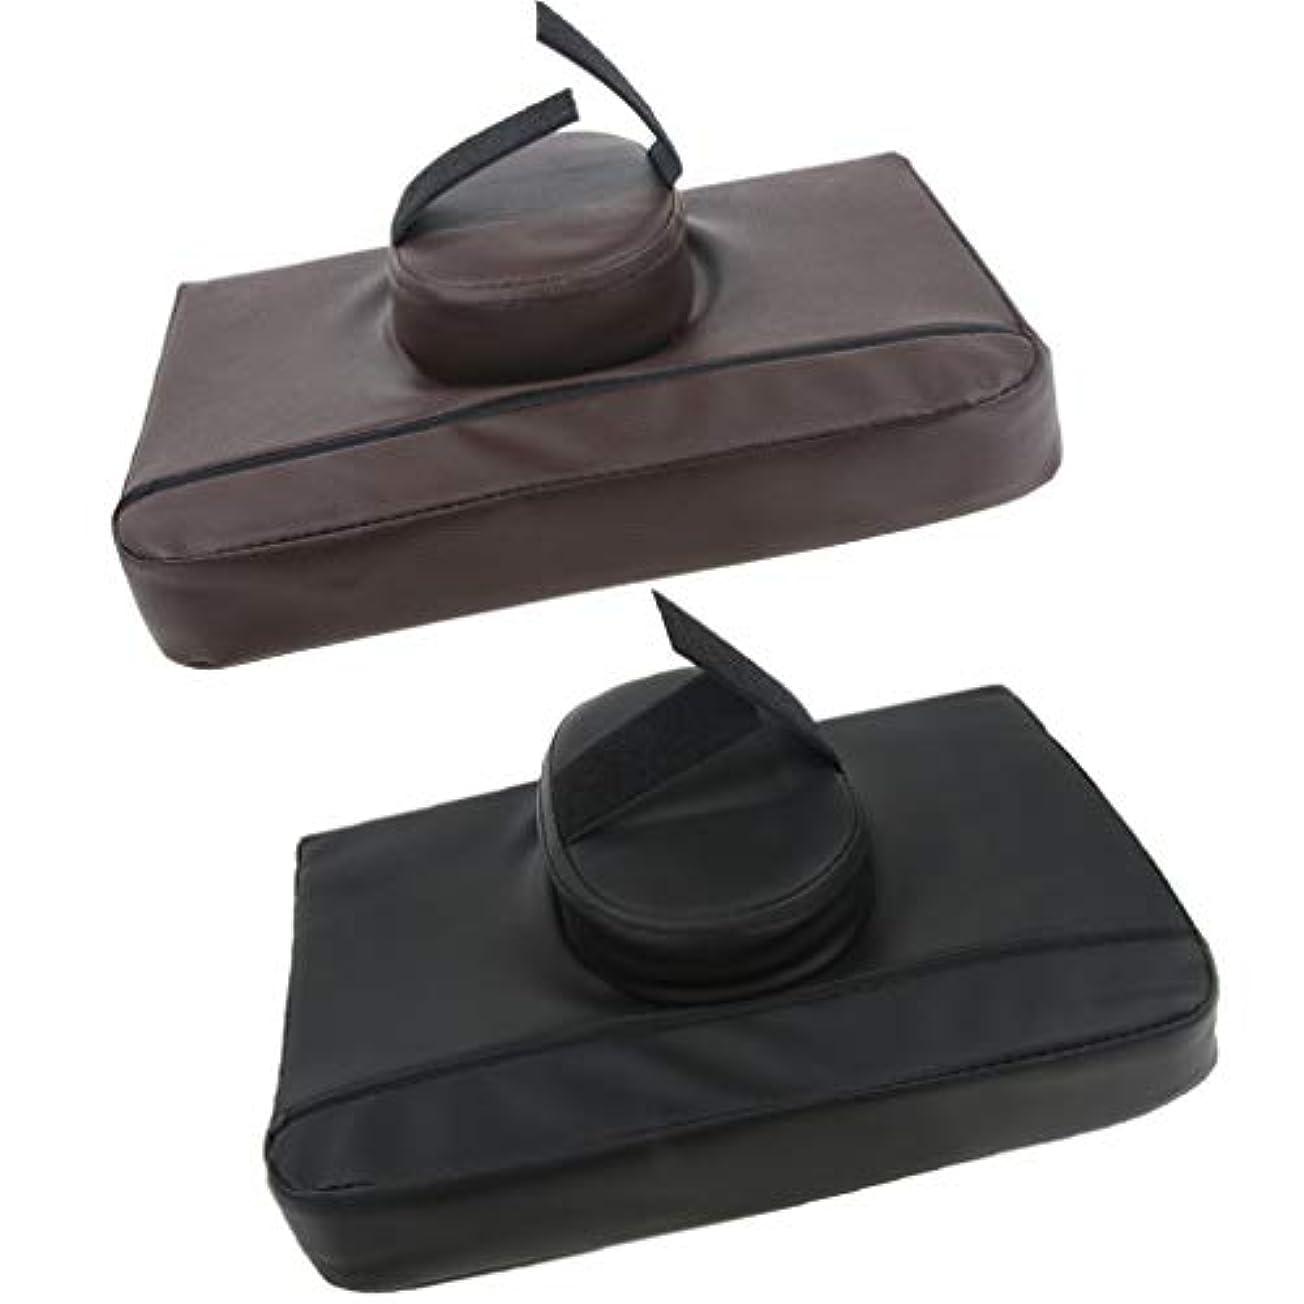 免除する哀生息地KESOTO 2個 マッサージ枕 マッサージピロー スクエア マッサージテーブル用 通気性 快適 プレゼント